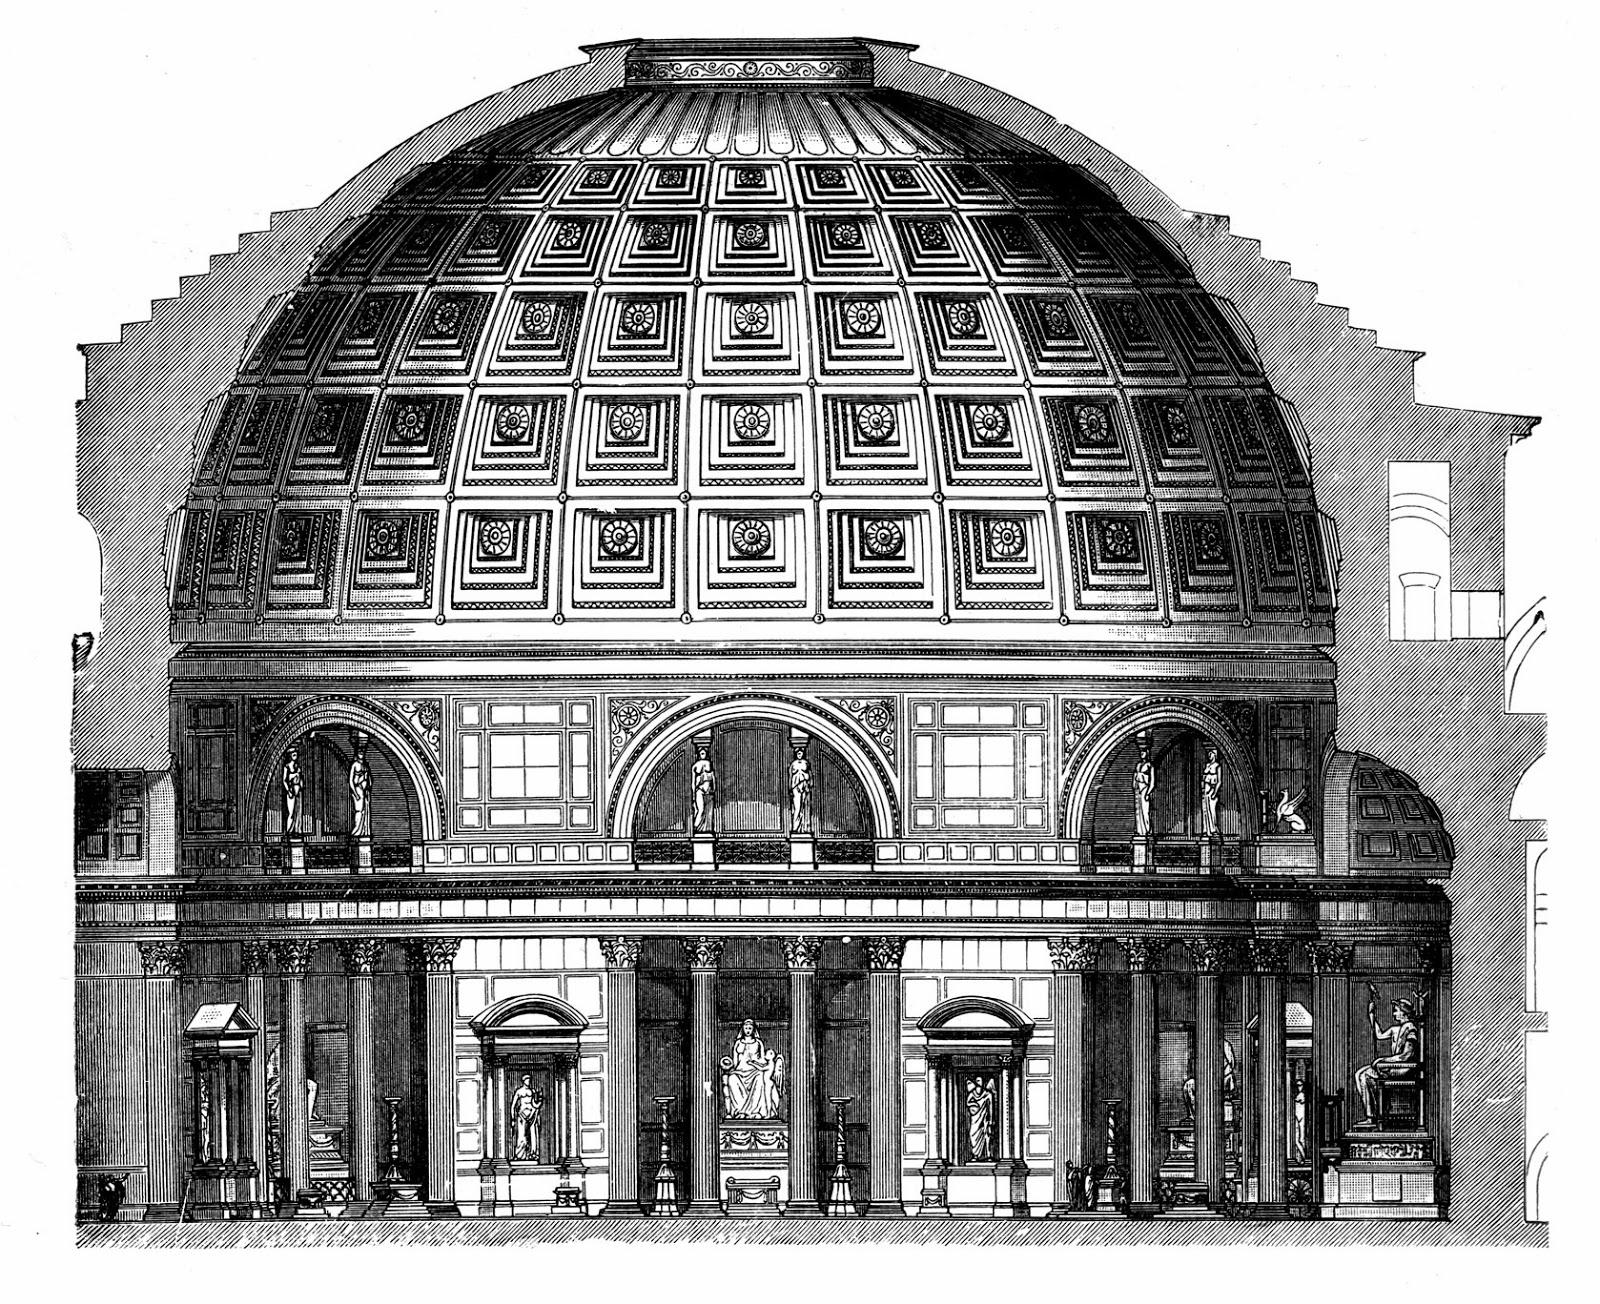 Il blog di fabrizio falconi i numeri come archetipi e l for Esterno pantheon